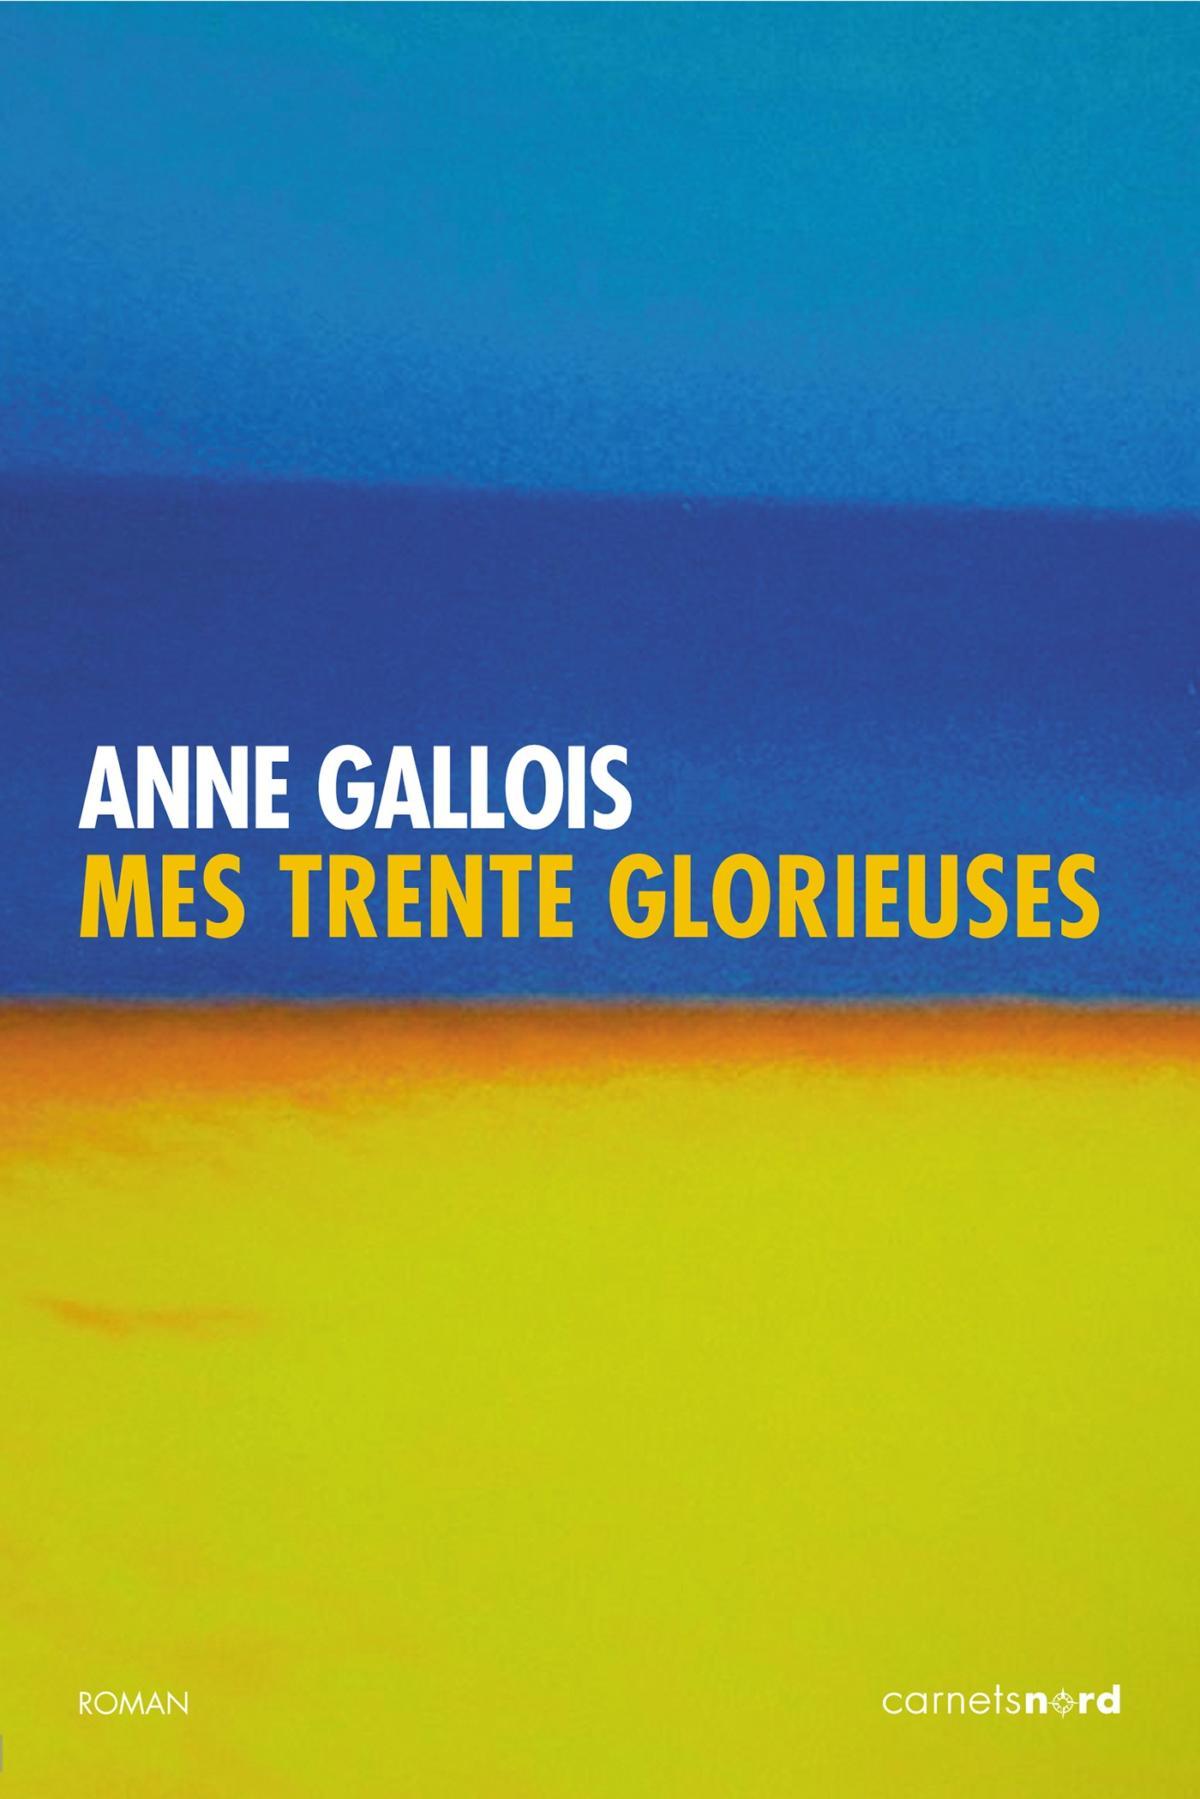 MYTHE OU AGE D'OR ? ANNE GALLOIS NOUS CONTE SES TRENTE GLORIEUSES